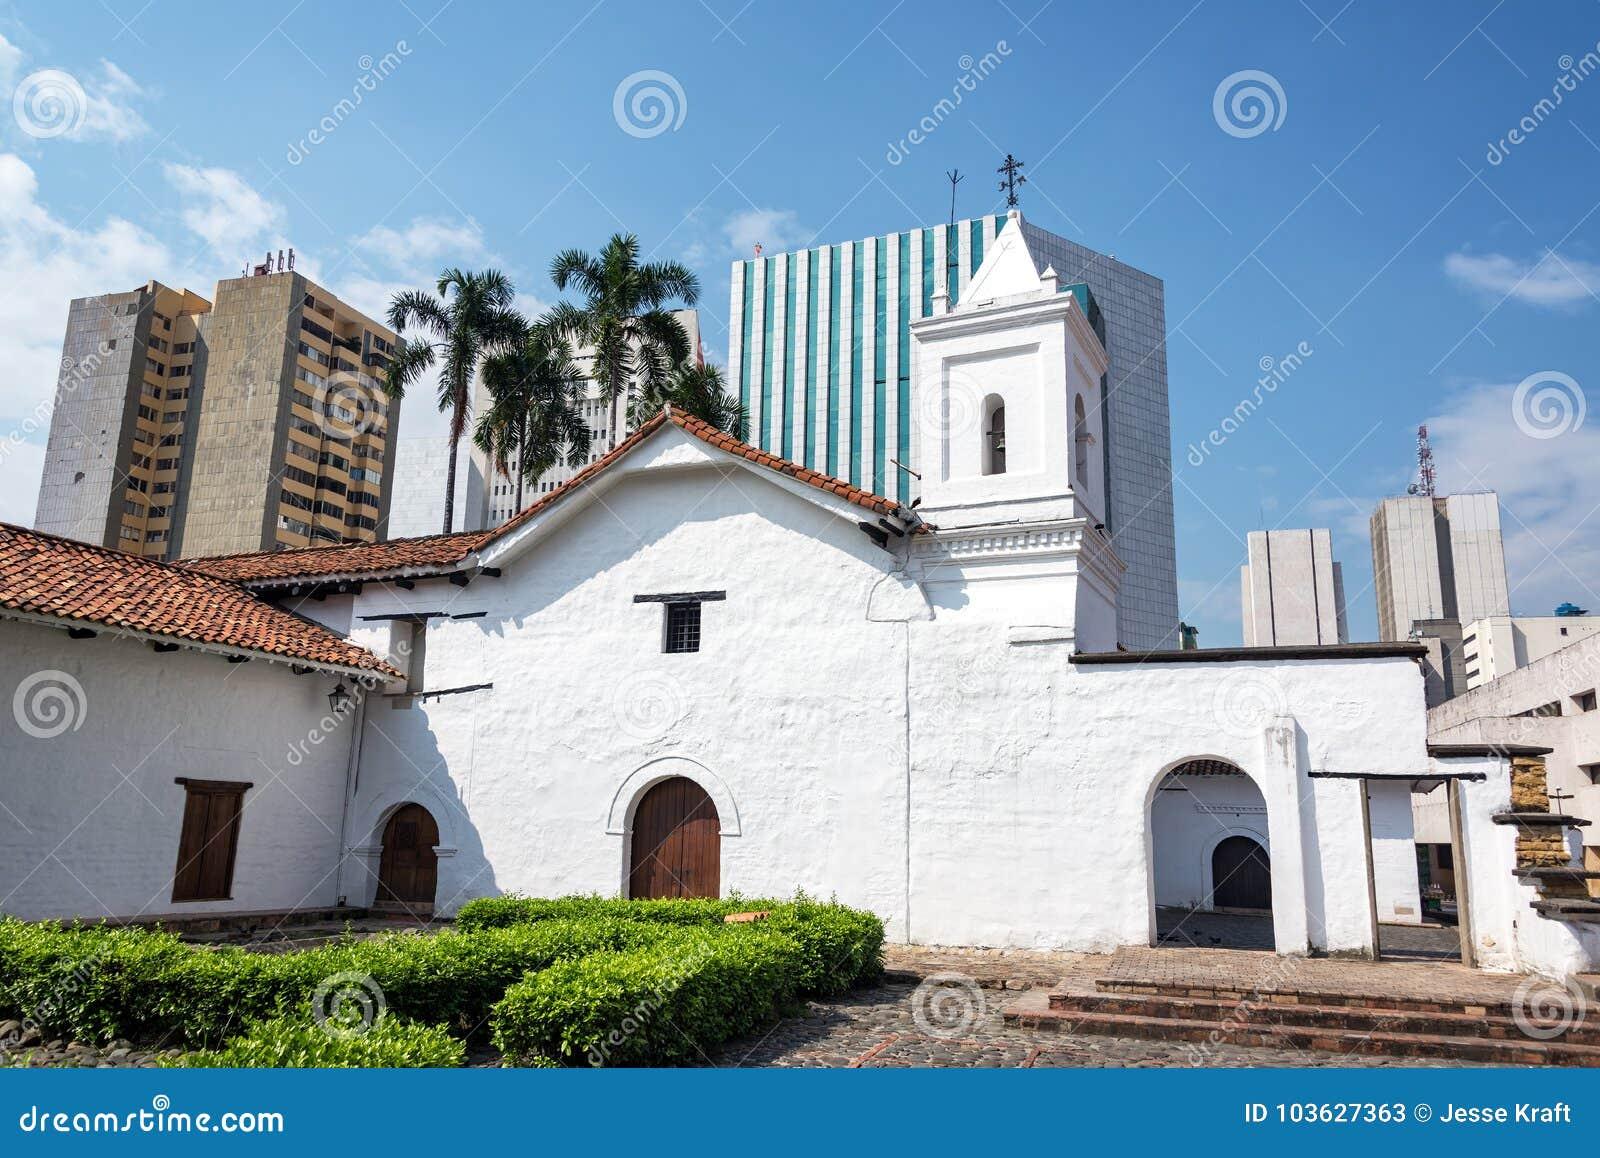 Колониальная церковь и современные небоскребы